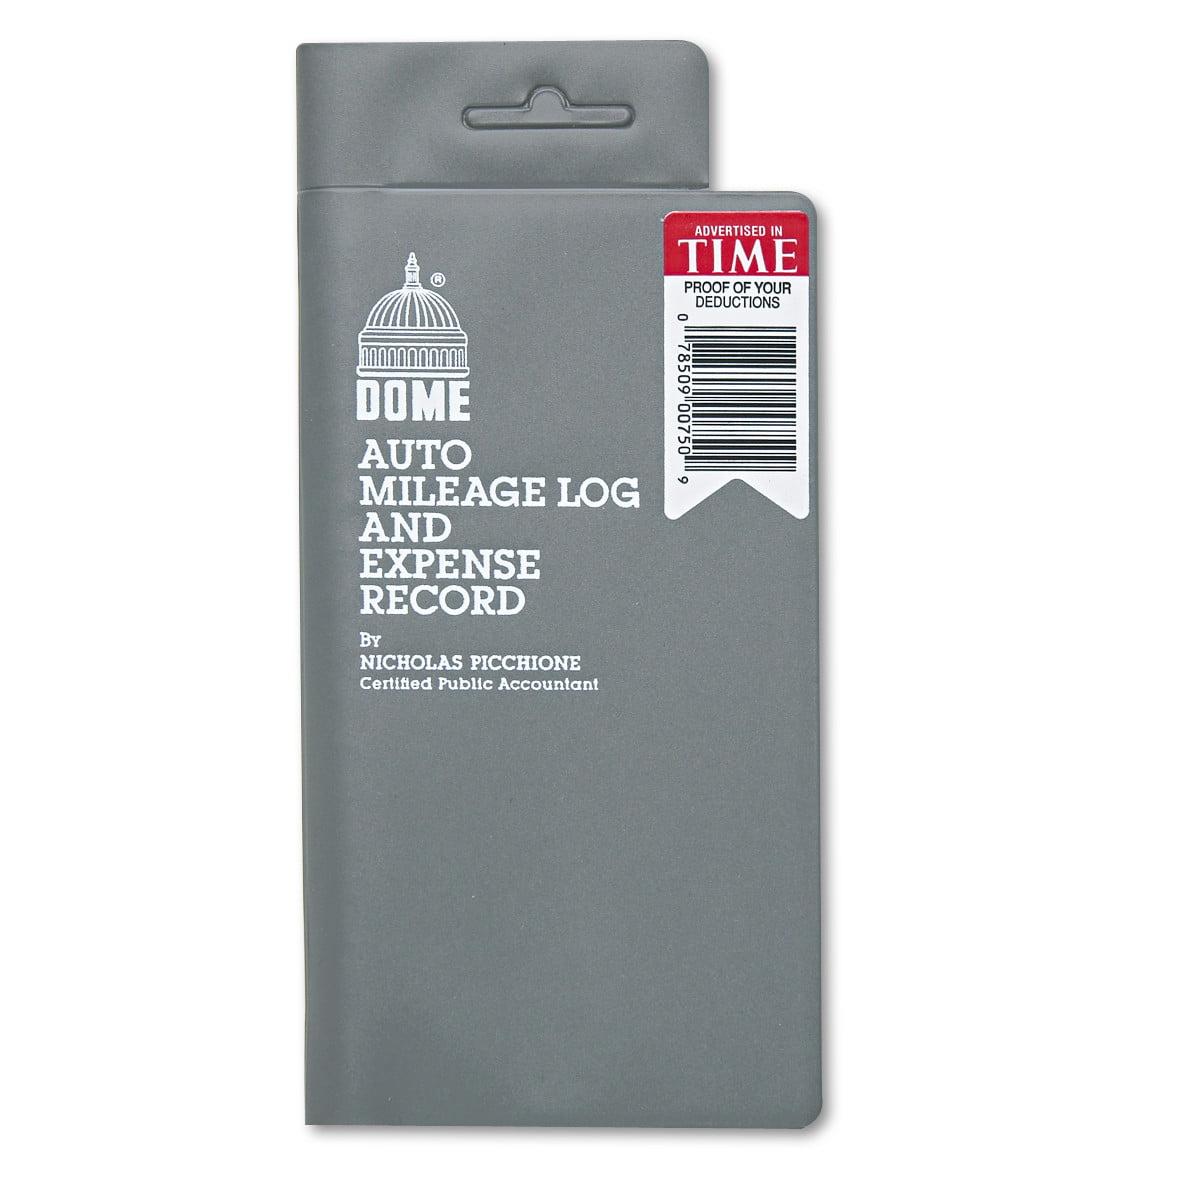 Dome Auto Mileage Log/Expense Record, 3 1/2 x 6 1/2, 140-Page Book ...